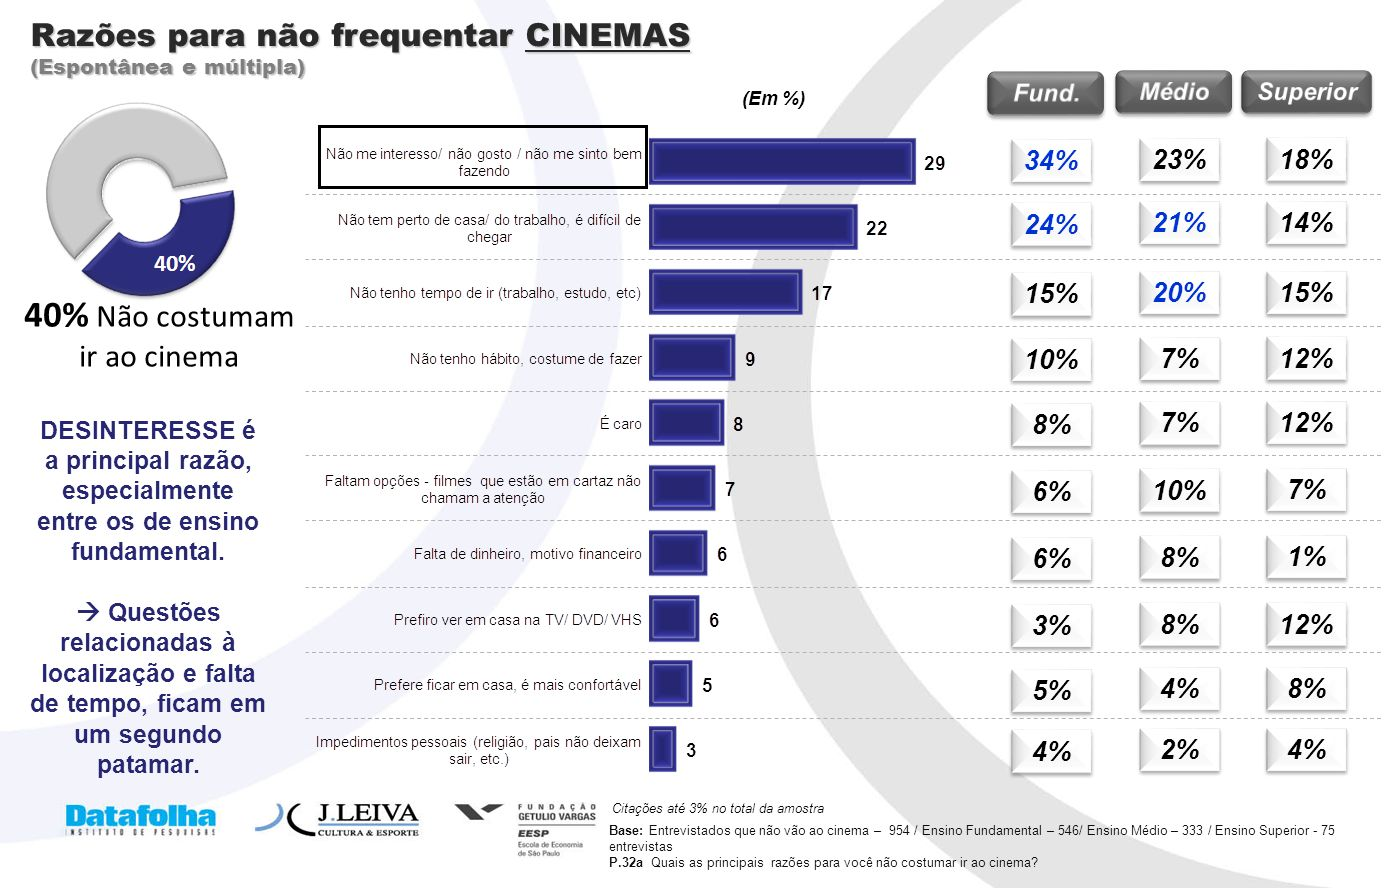 40% Não costumam ir ao cinema